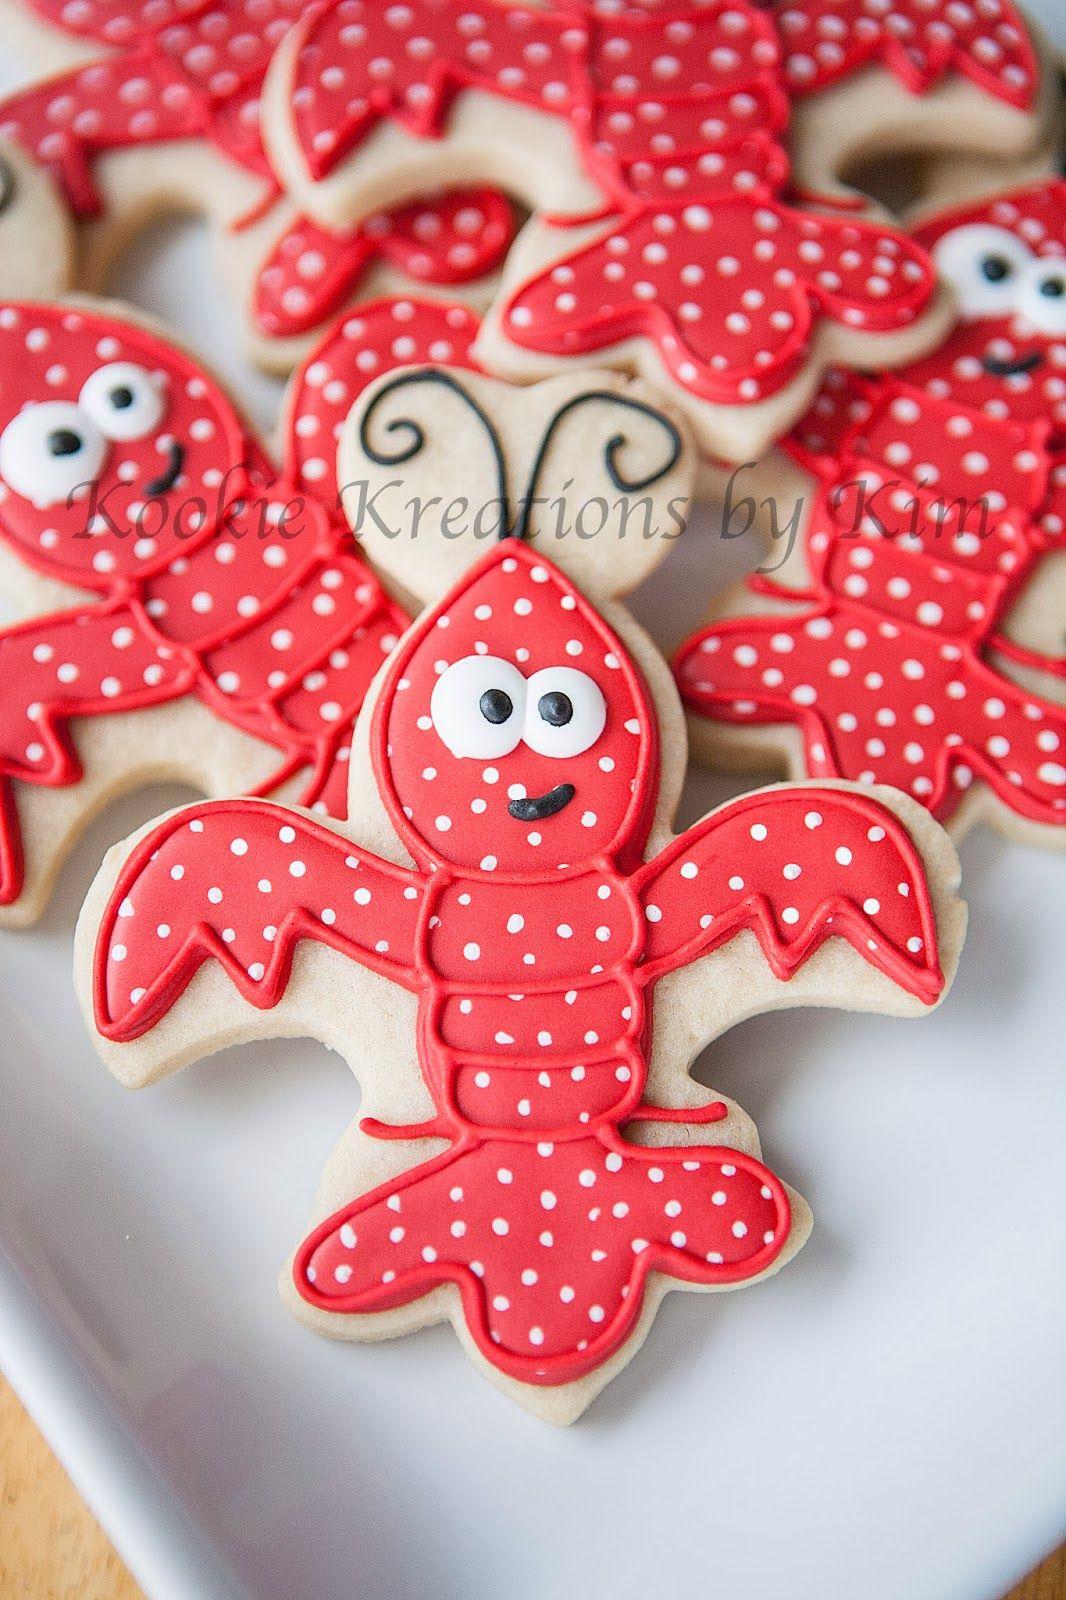 Fleur de lis crawfish cookies - Kookie Kreations by Kim | Seaside | Cookies, Cookie decorating ...